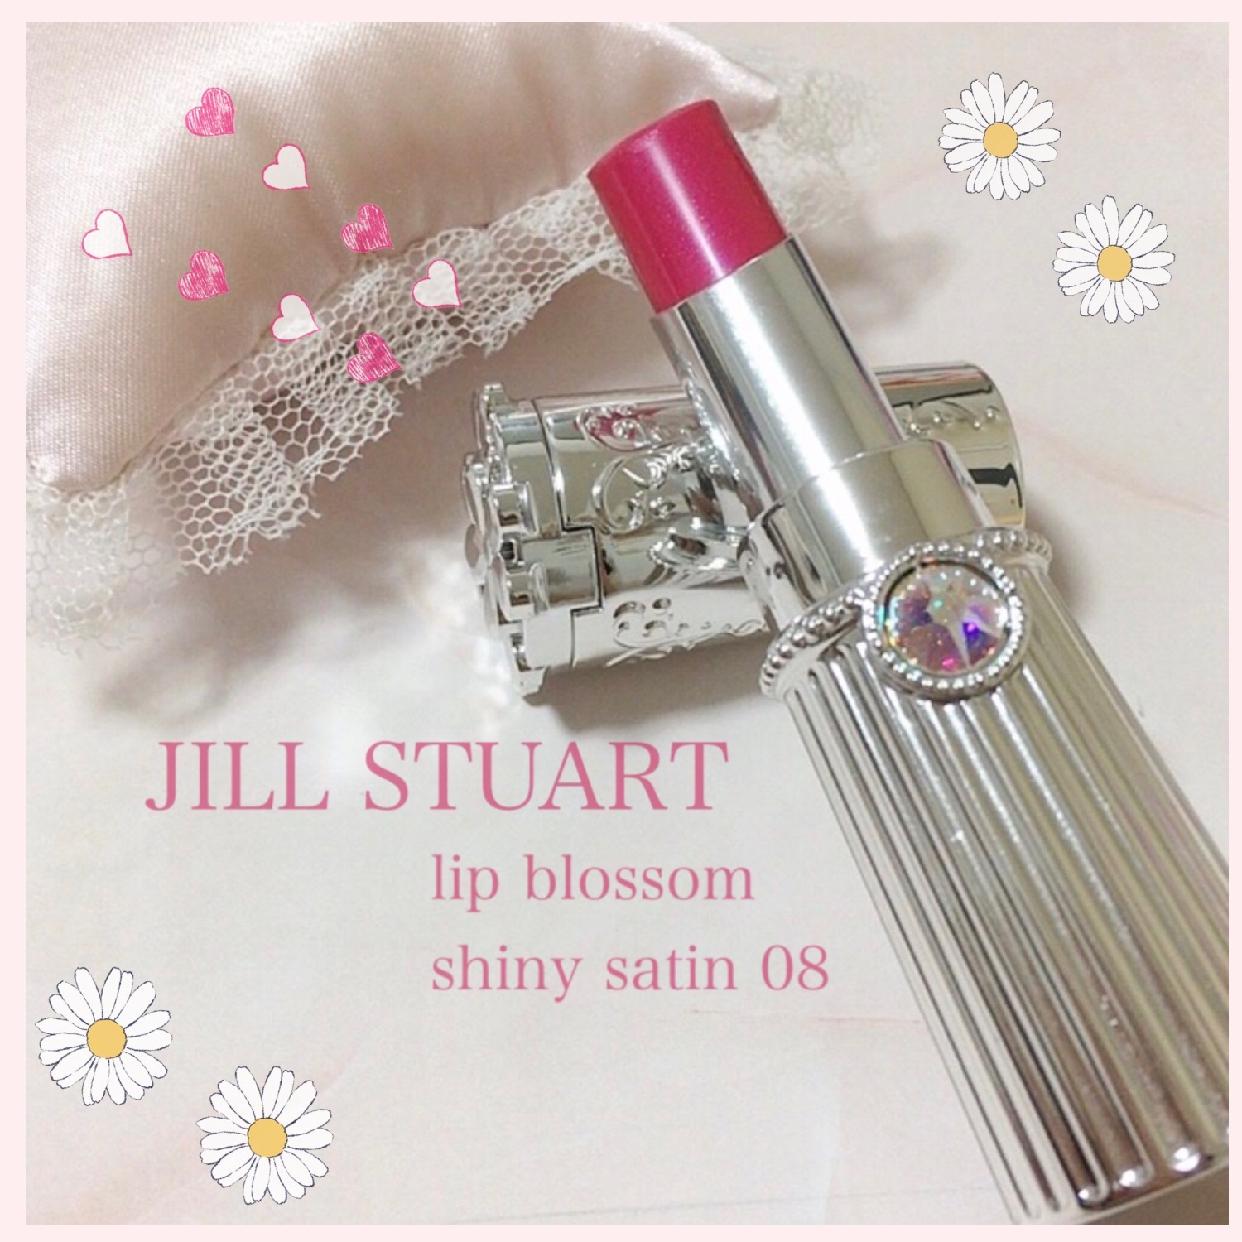 JILL STUART(ジルスチュアート) リップブロッサムを使ったなつきんさんのクチコミ画像